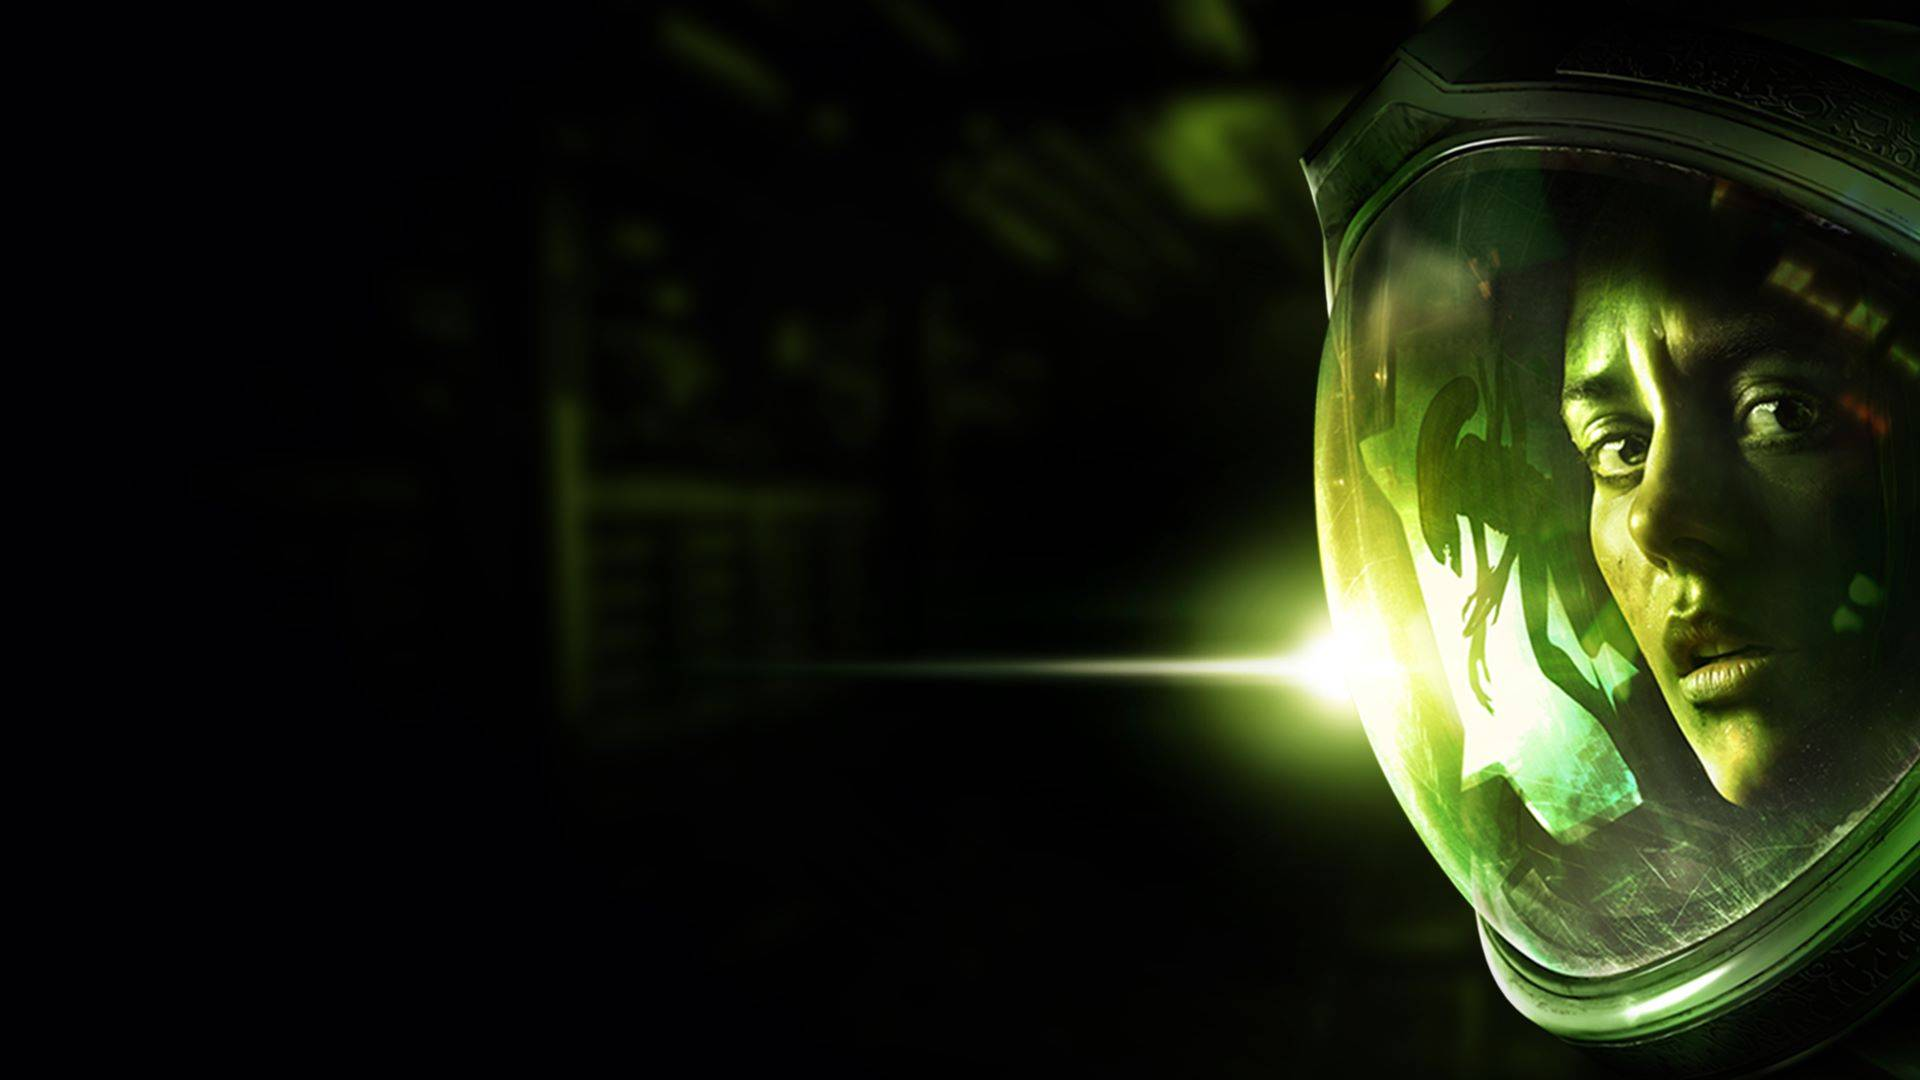 Игра Alien: Isolation станет веб-сериалом